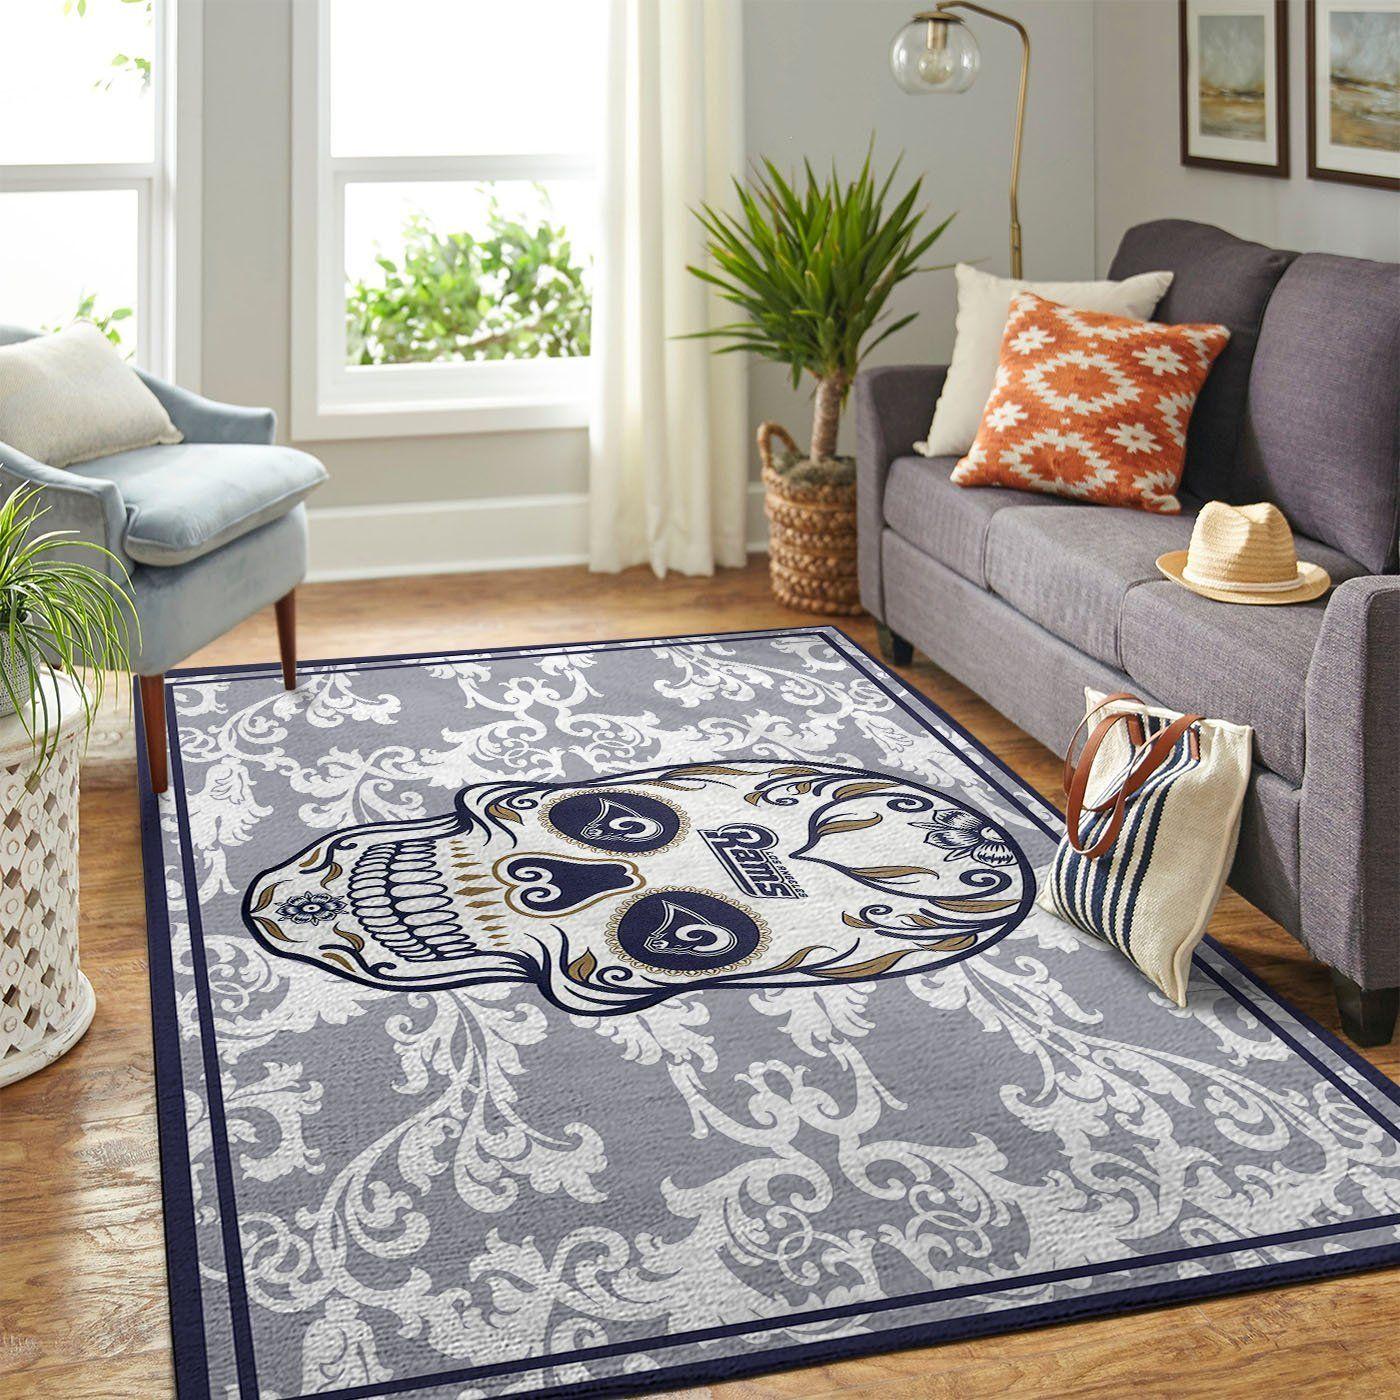 Amazon Los Angeles Rams Living Room Area No3675 Rug